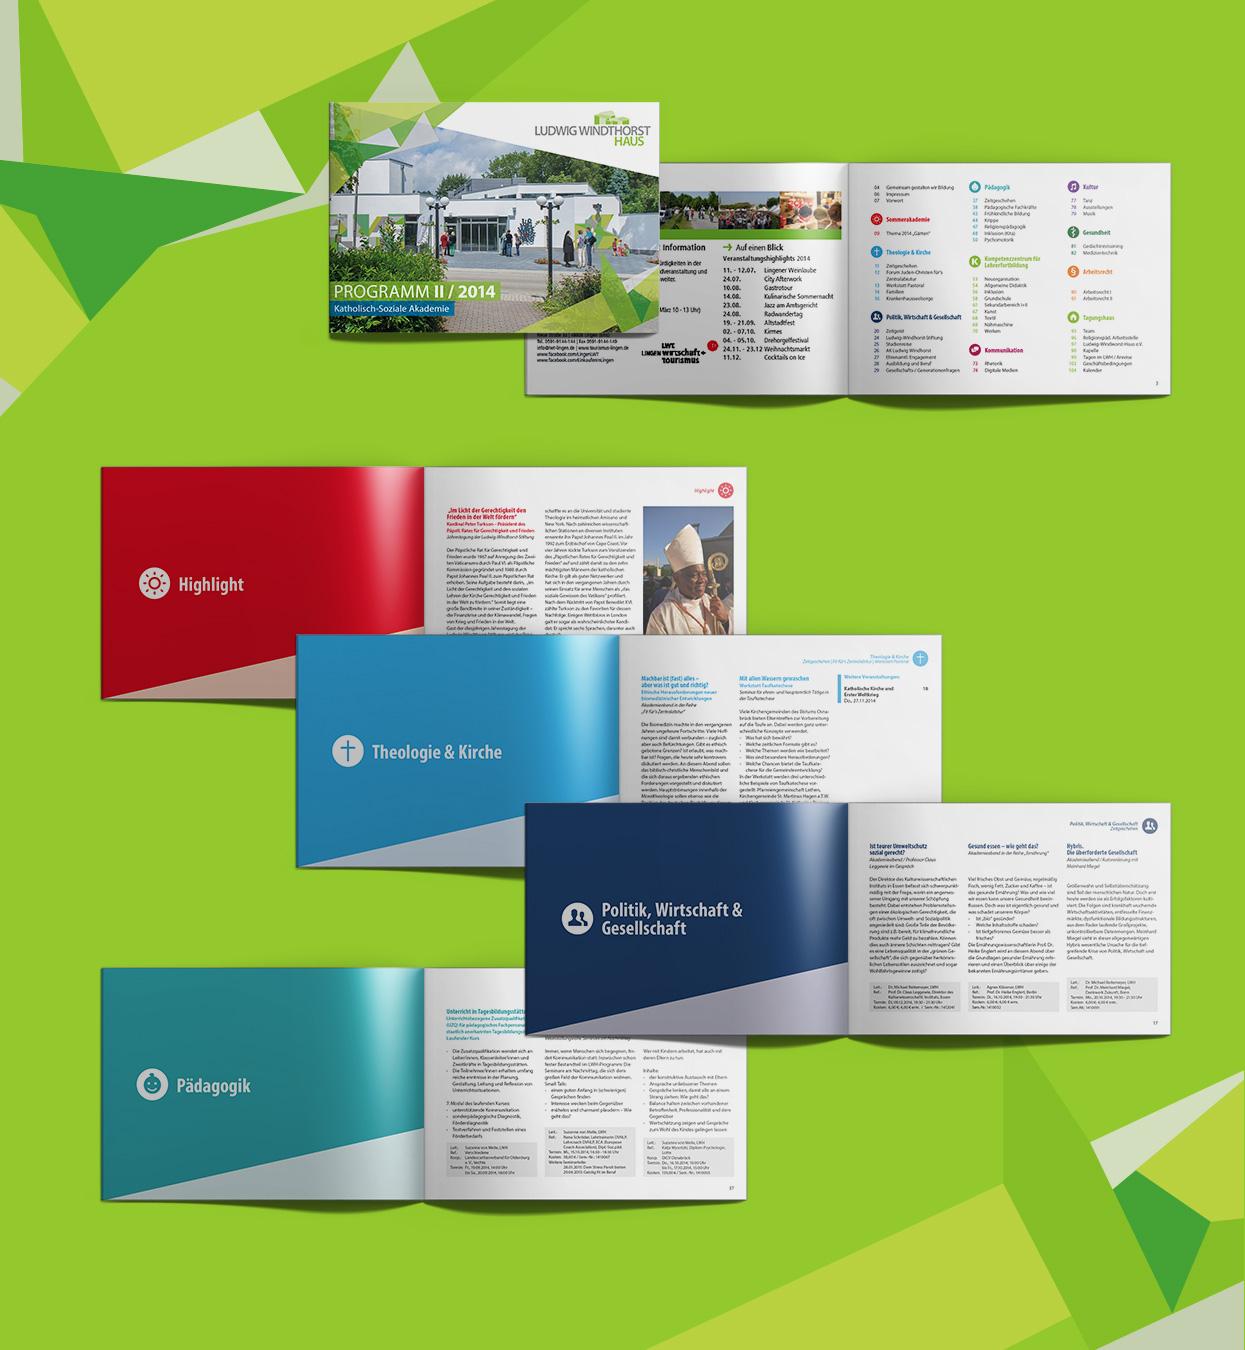 LWH Ludwig Windhorst Haus Lingen Halbjahresprogramm Broschüre Magazin Editorial Design